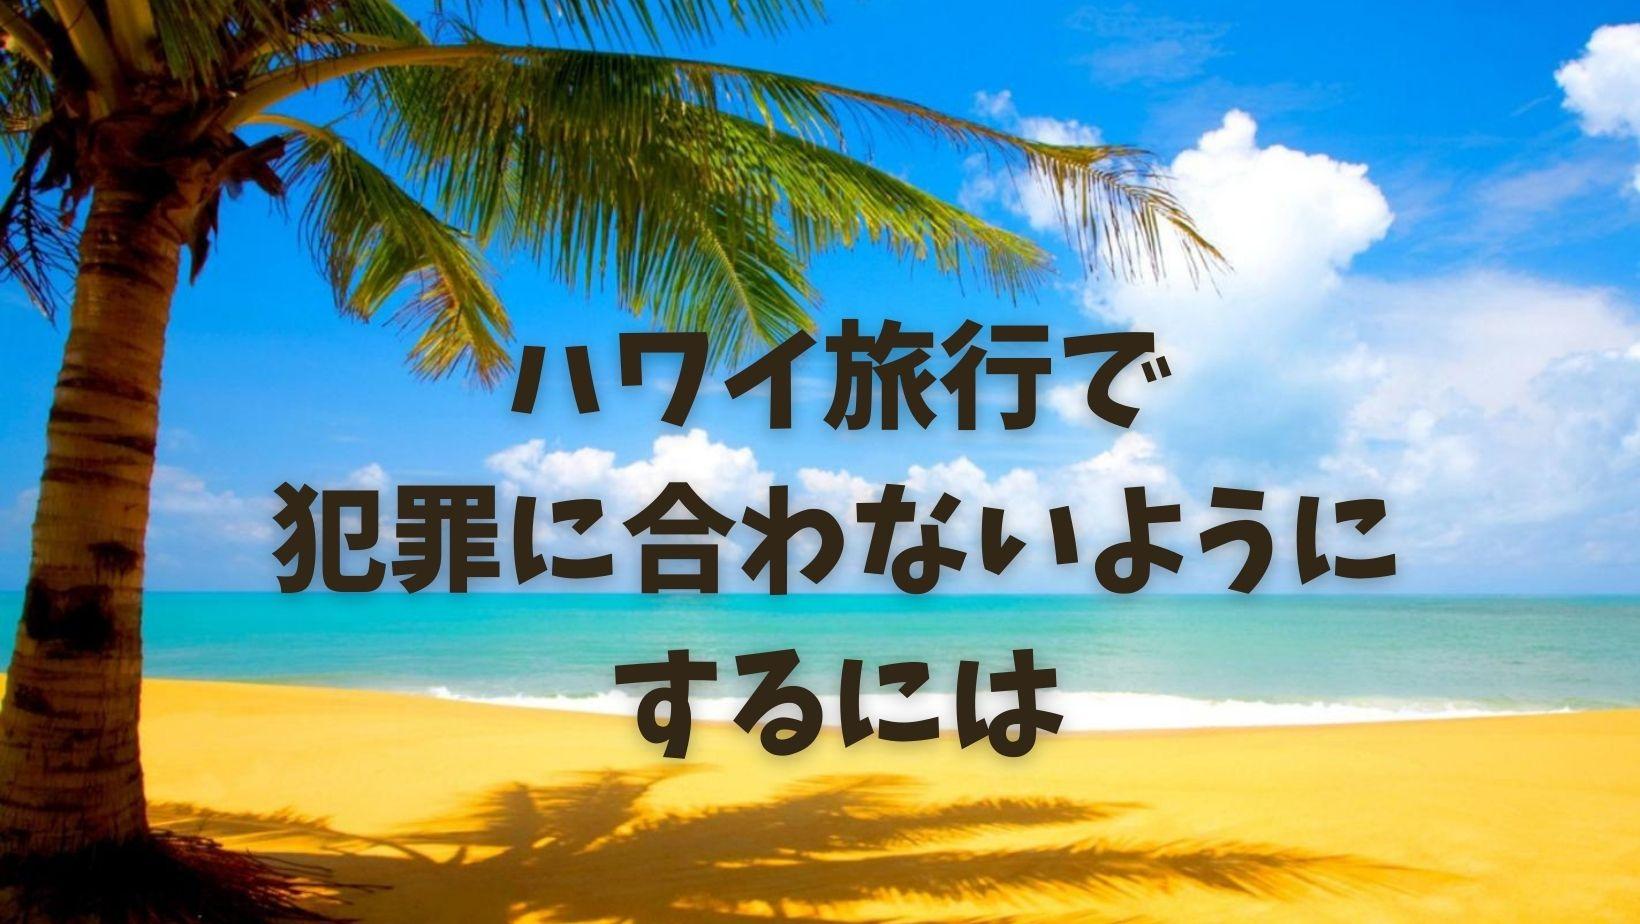 ハワイで犯罪に合わないように